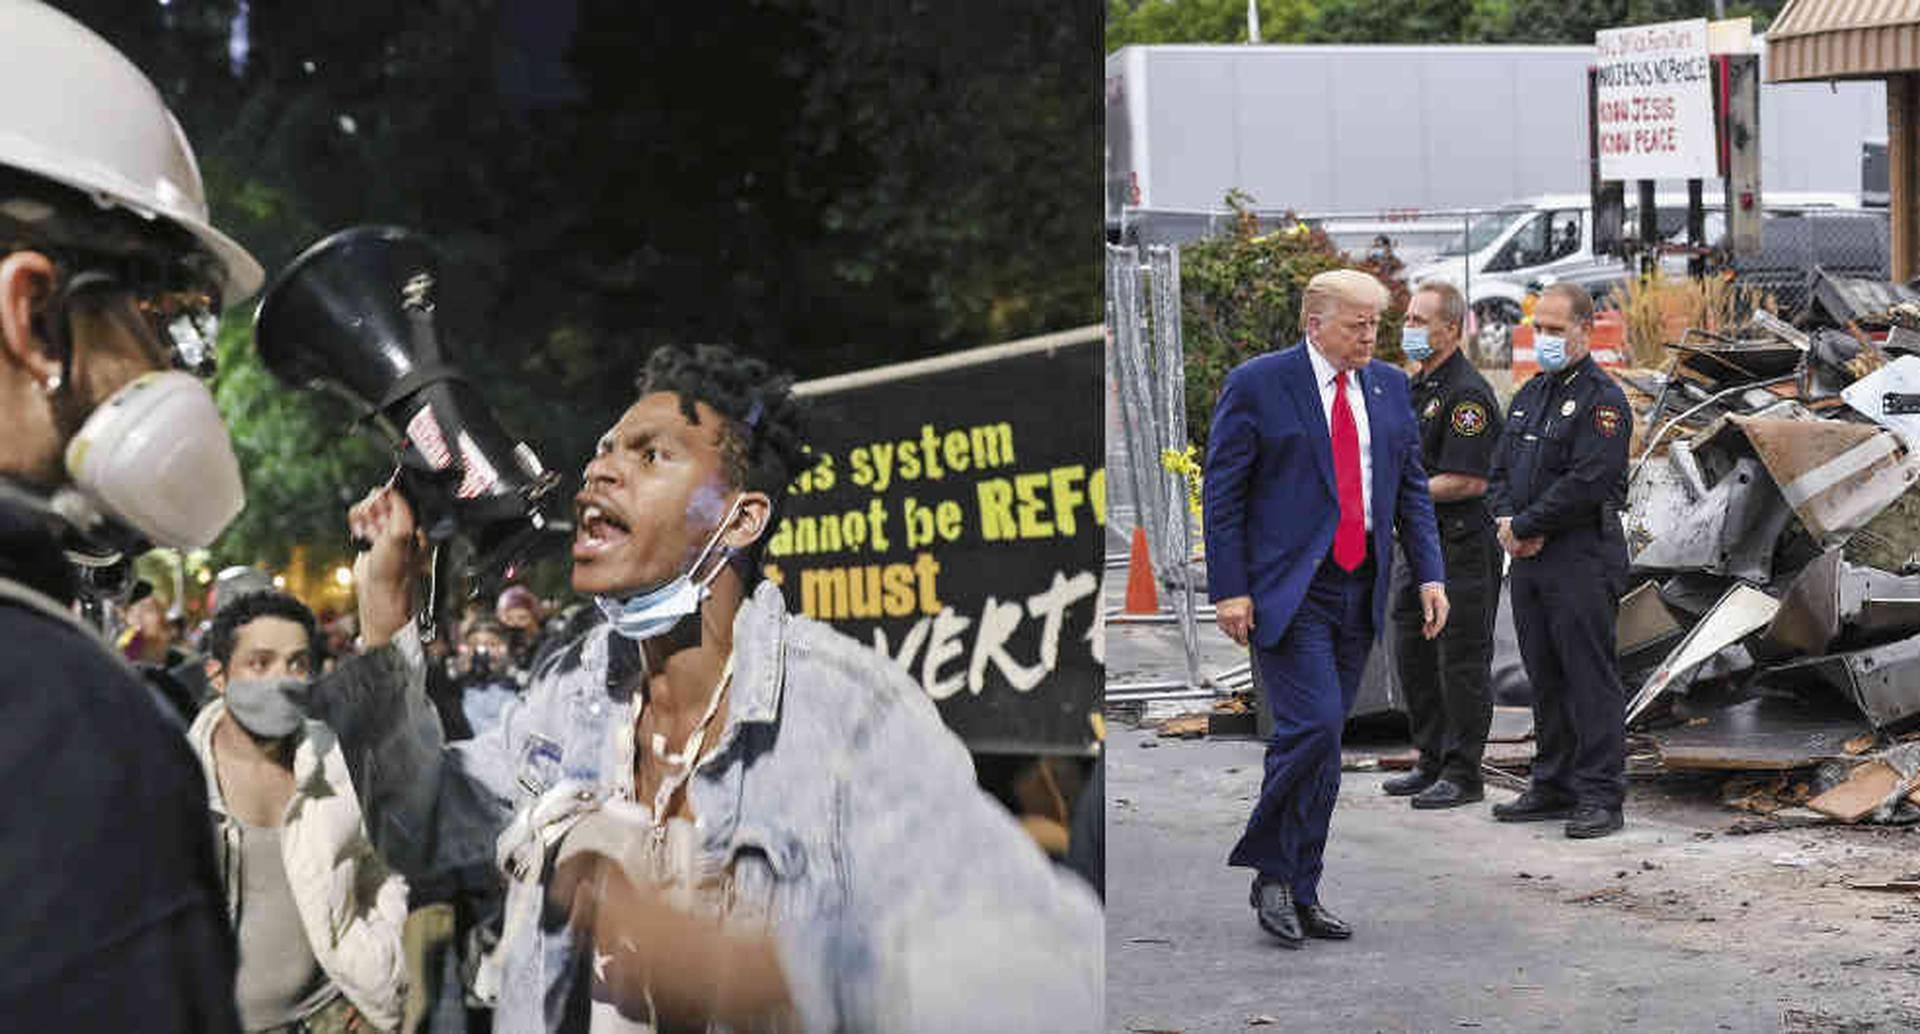 """Desde mayo, cientos de protestas denuncian un problema latente por décadas. En Kenosha, Trump no se reunió con la familia de Jacob Blake, el afroamericano abaleado por un policía frente a sus hijos. Prefirió señalar a los manifestantes, a quienes calificó de """"terroristas domésticos""""."""